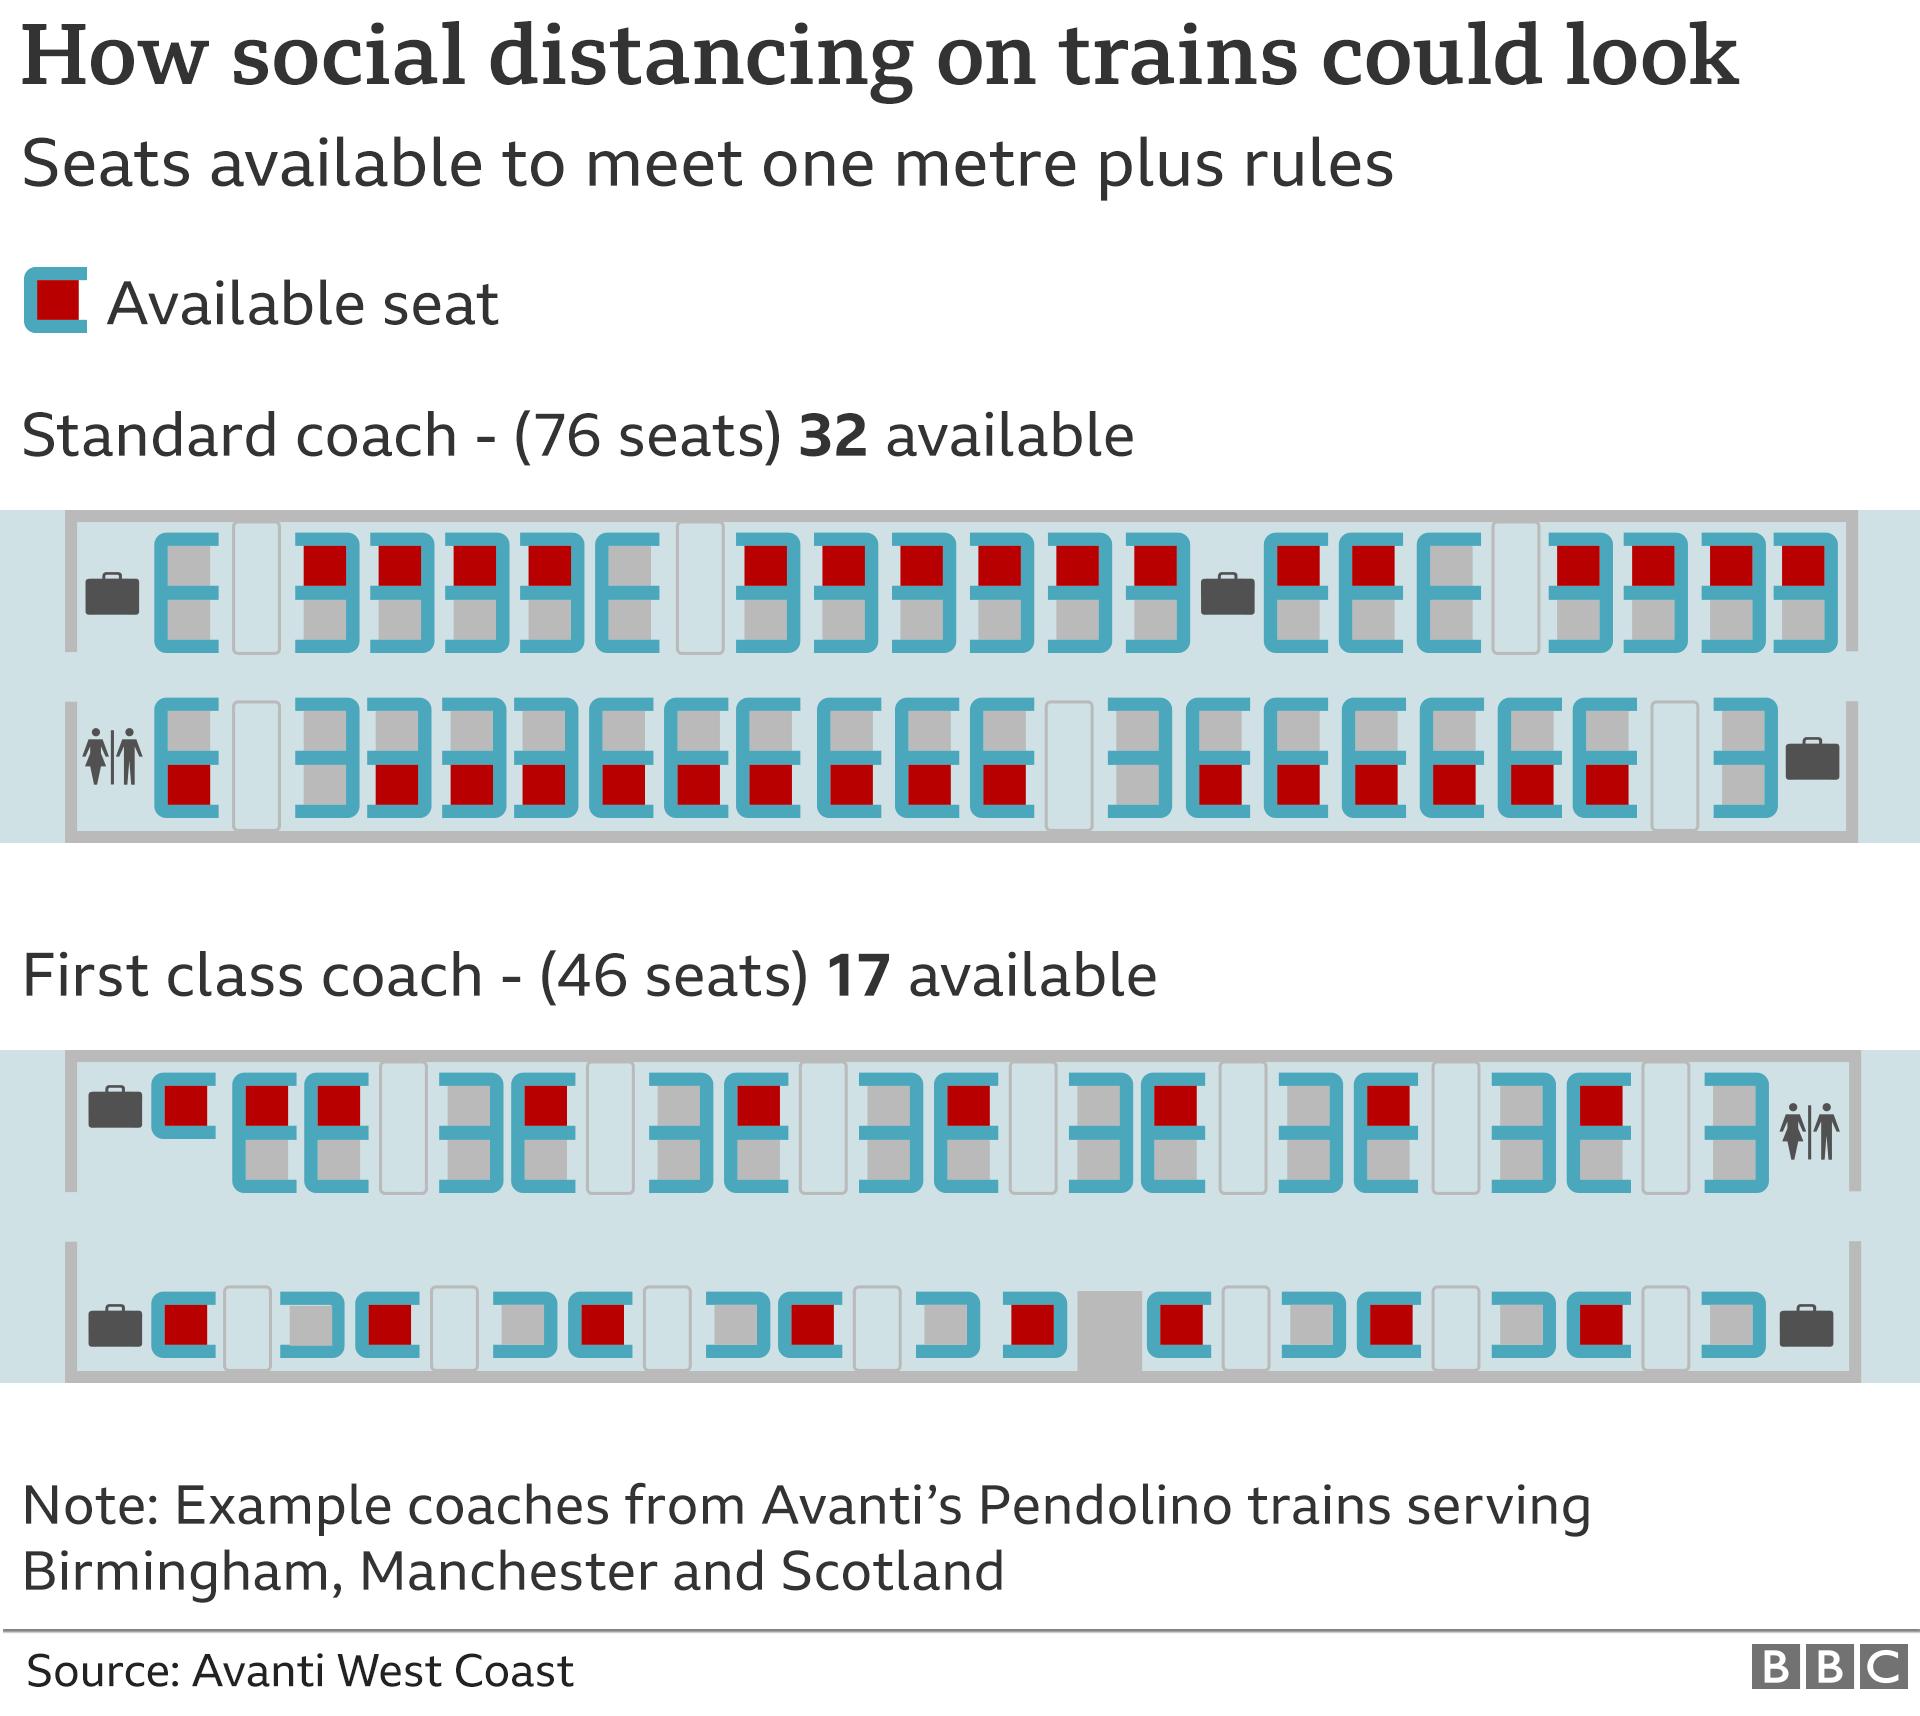 Train seating plan